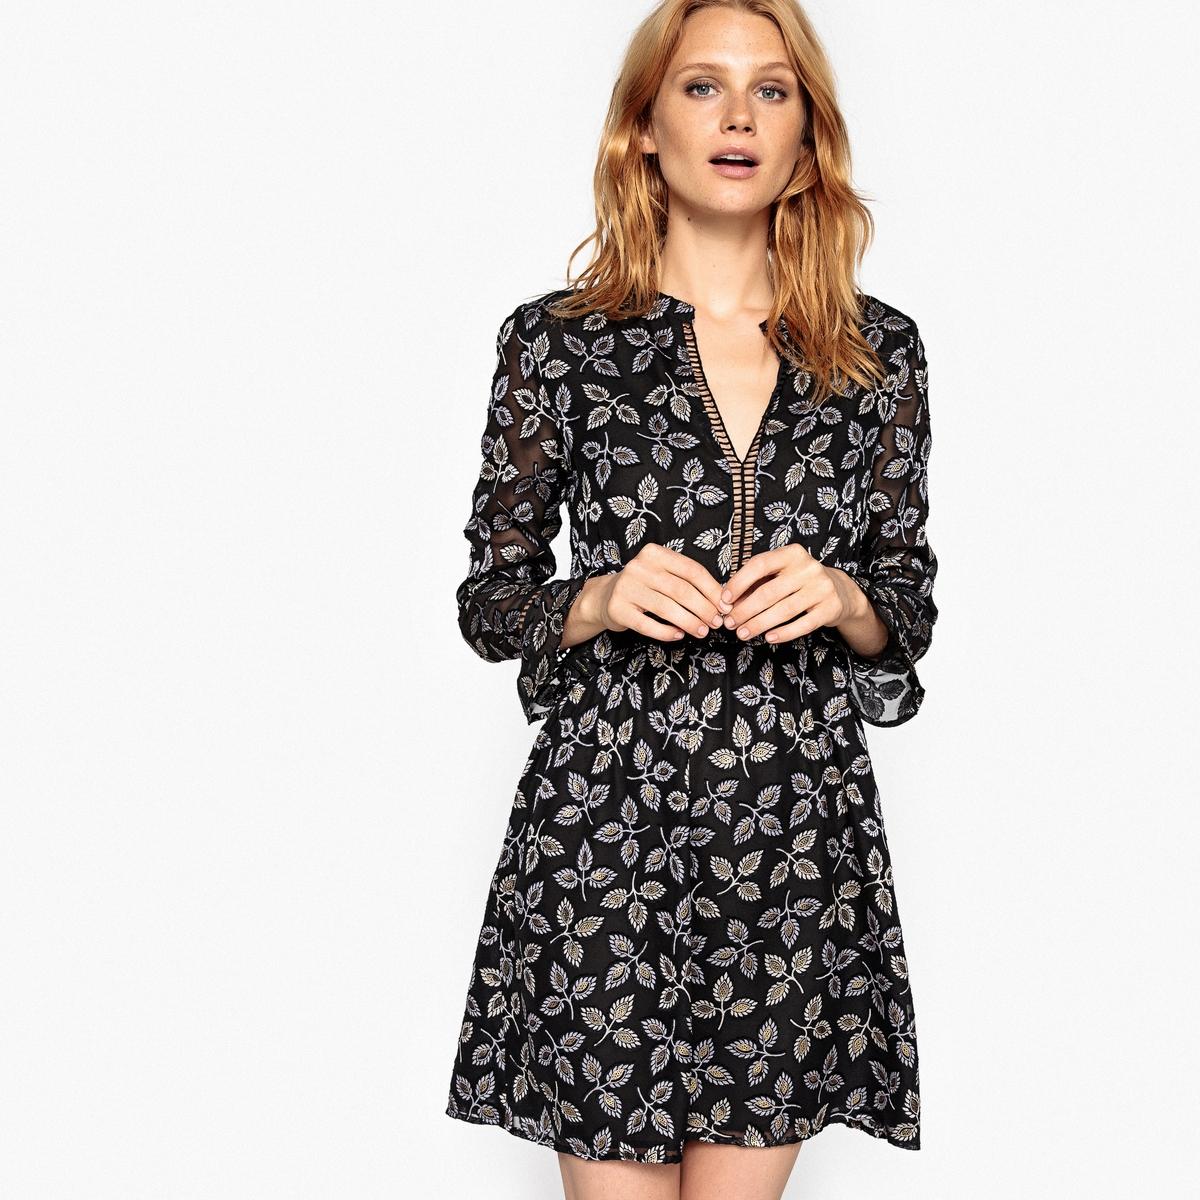 Платье La Redoute С рисунком из золотистых листьев и ажурным вырезом 48 (FR) - 54 (RUS) черный брюки la redoute узкие дудочки с жаккардовым рисунком 50 fr 56 rus черный